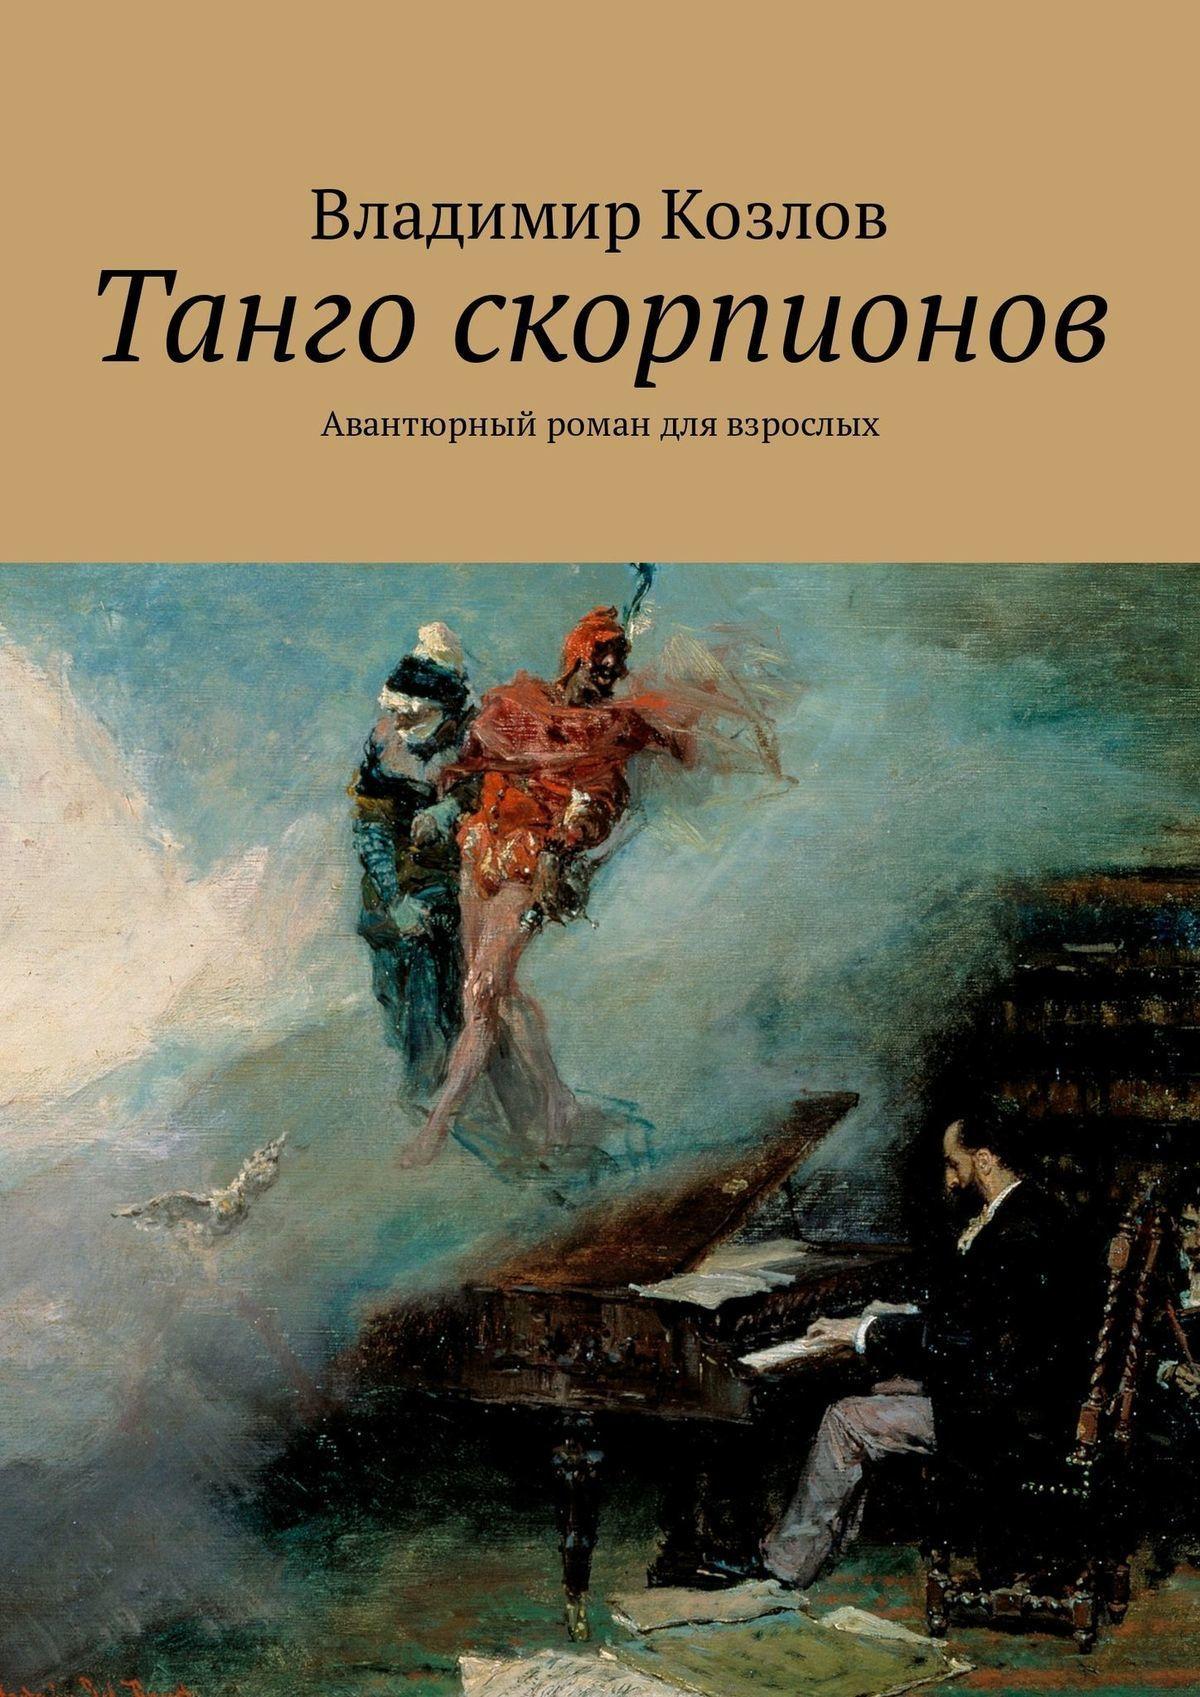 Владимир Козлов Танго скорпионов. Авантюрный роман для взрослых